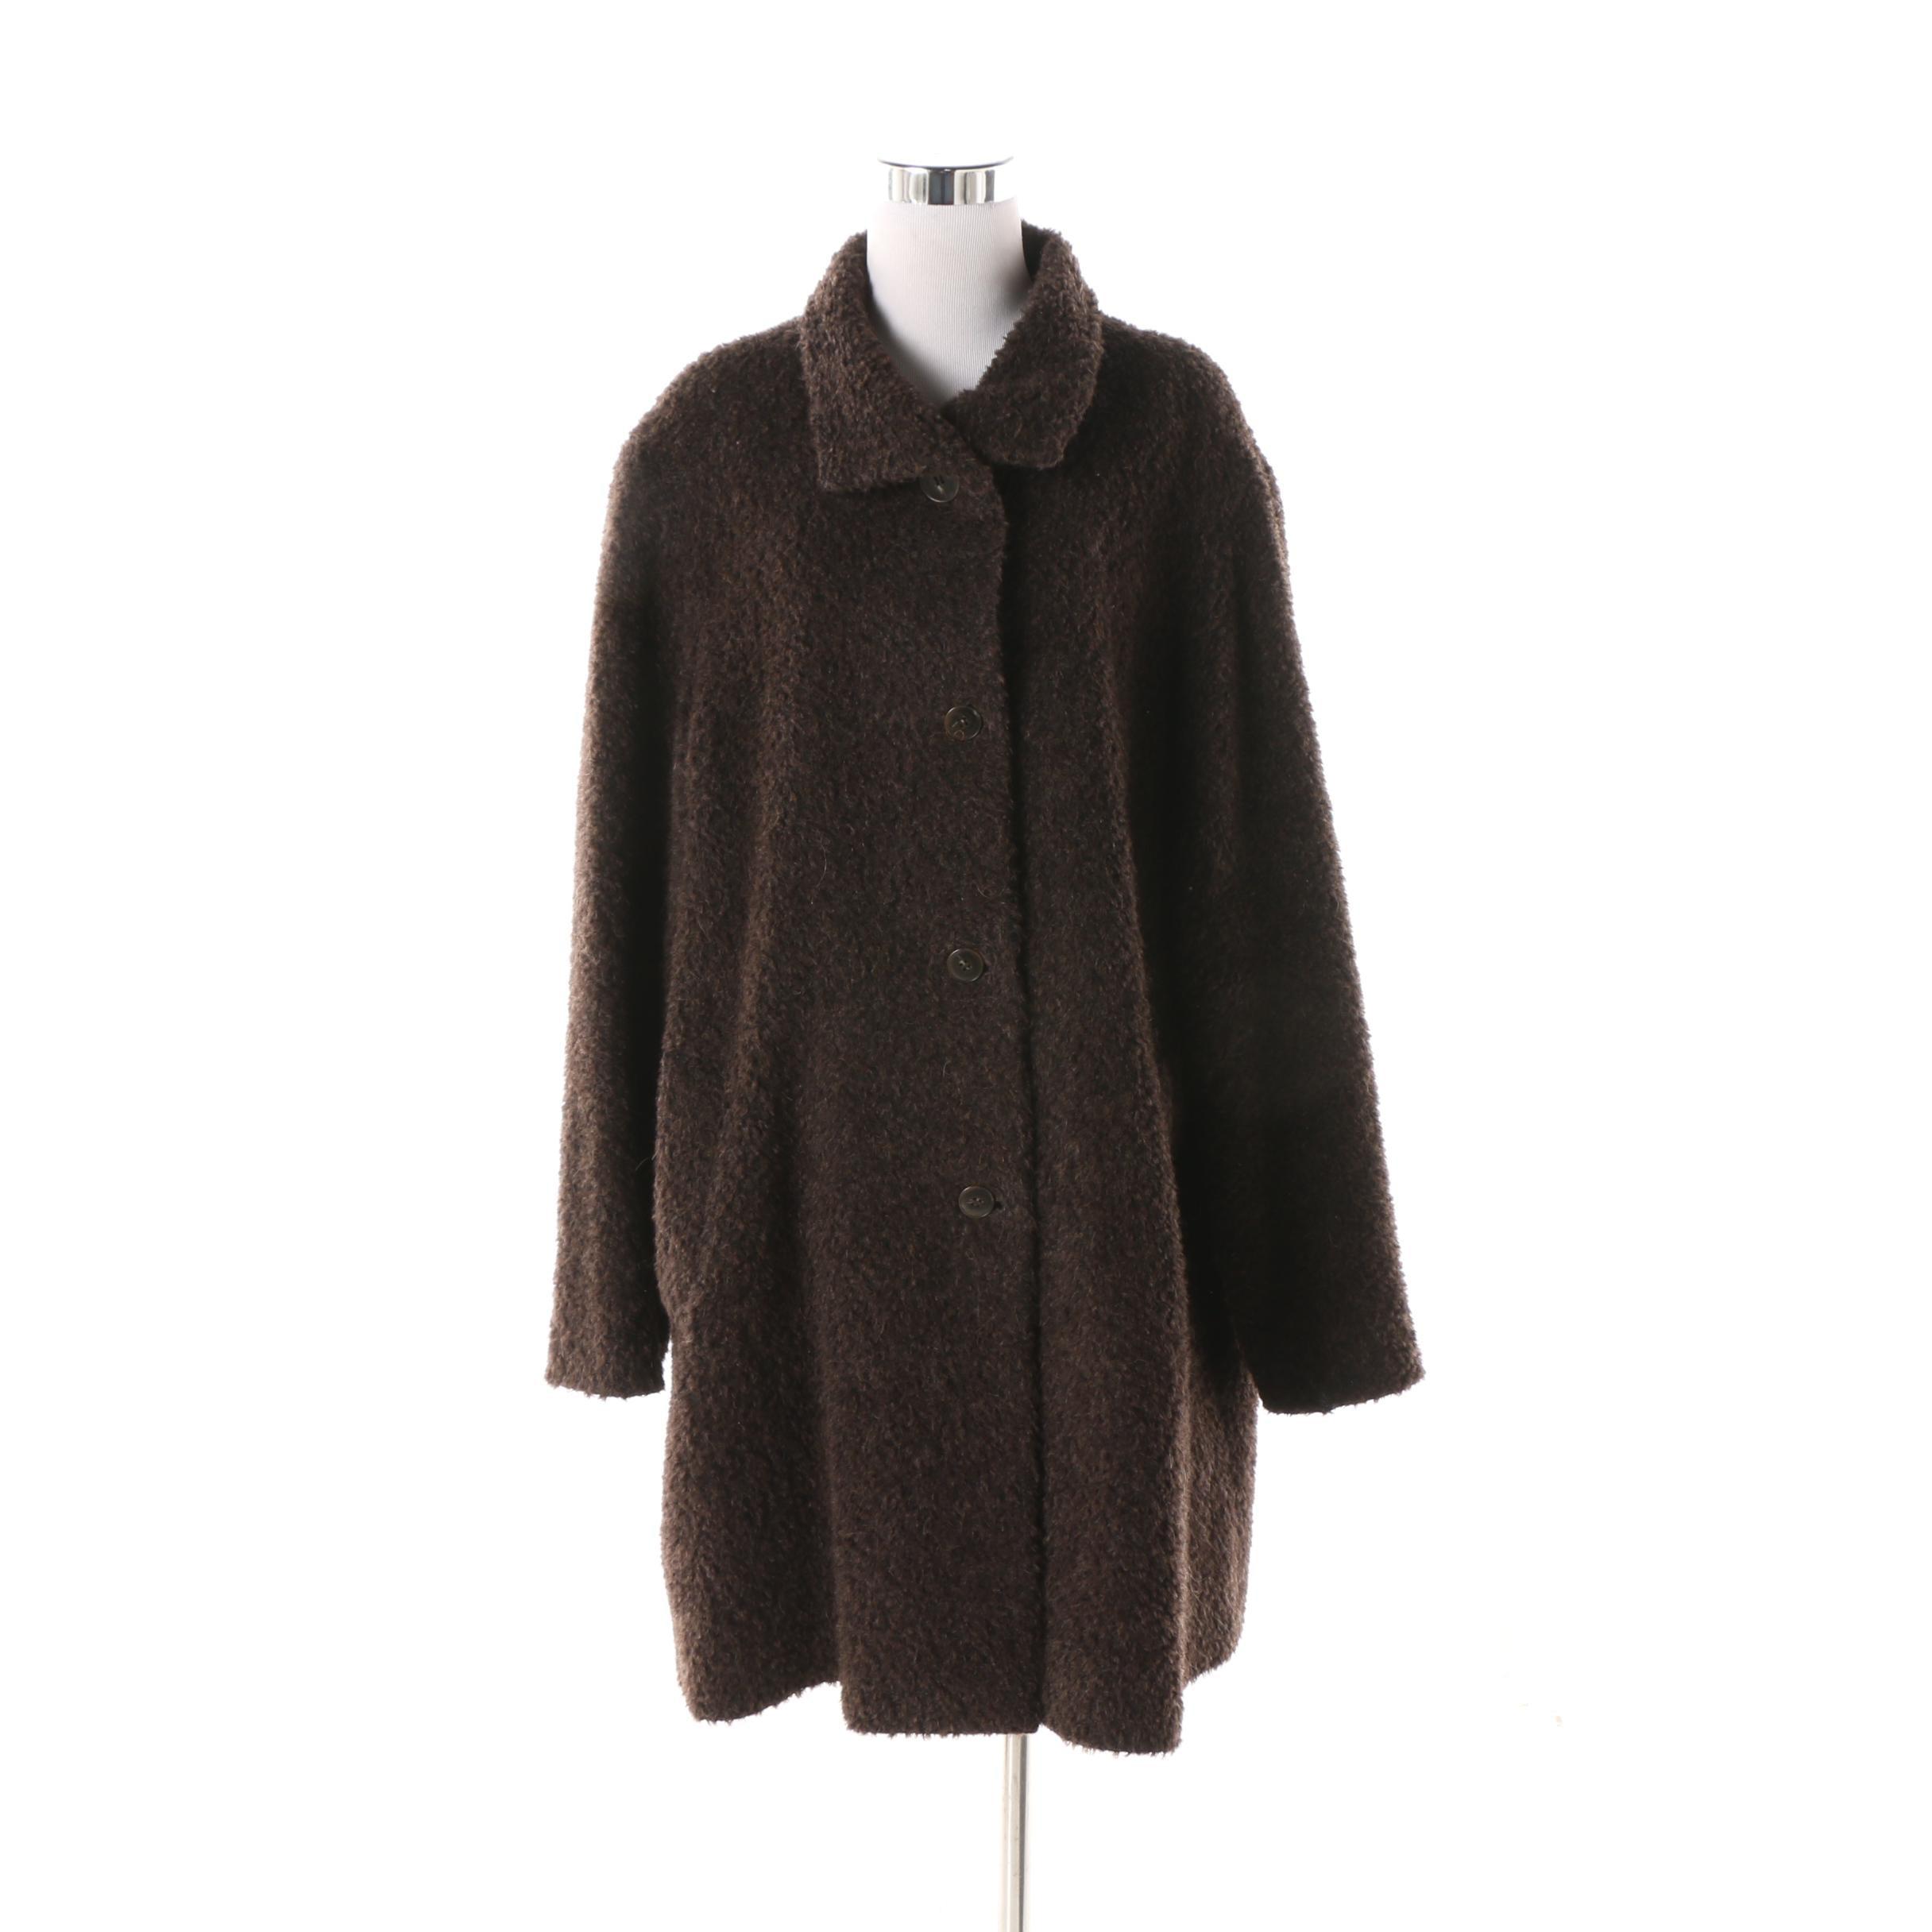 Cinzia Rocca Italian Brown Wool Blend Coat